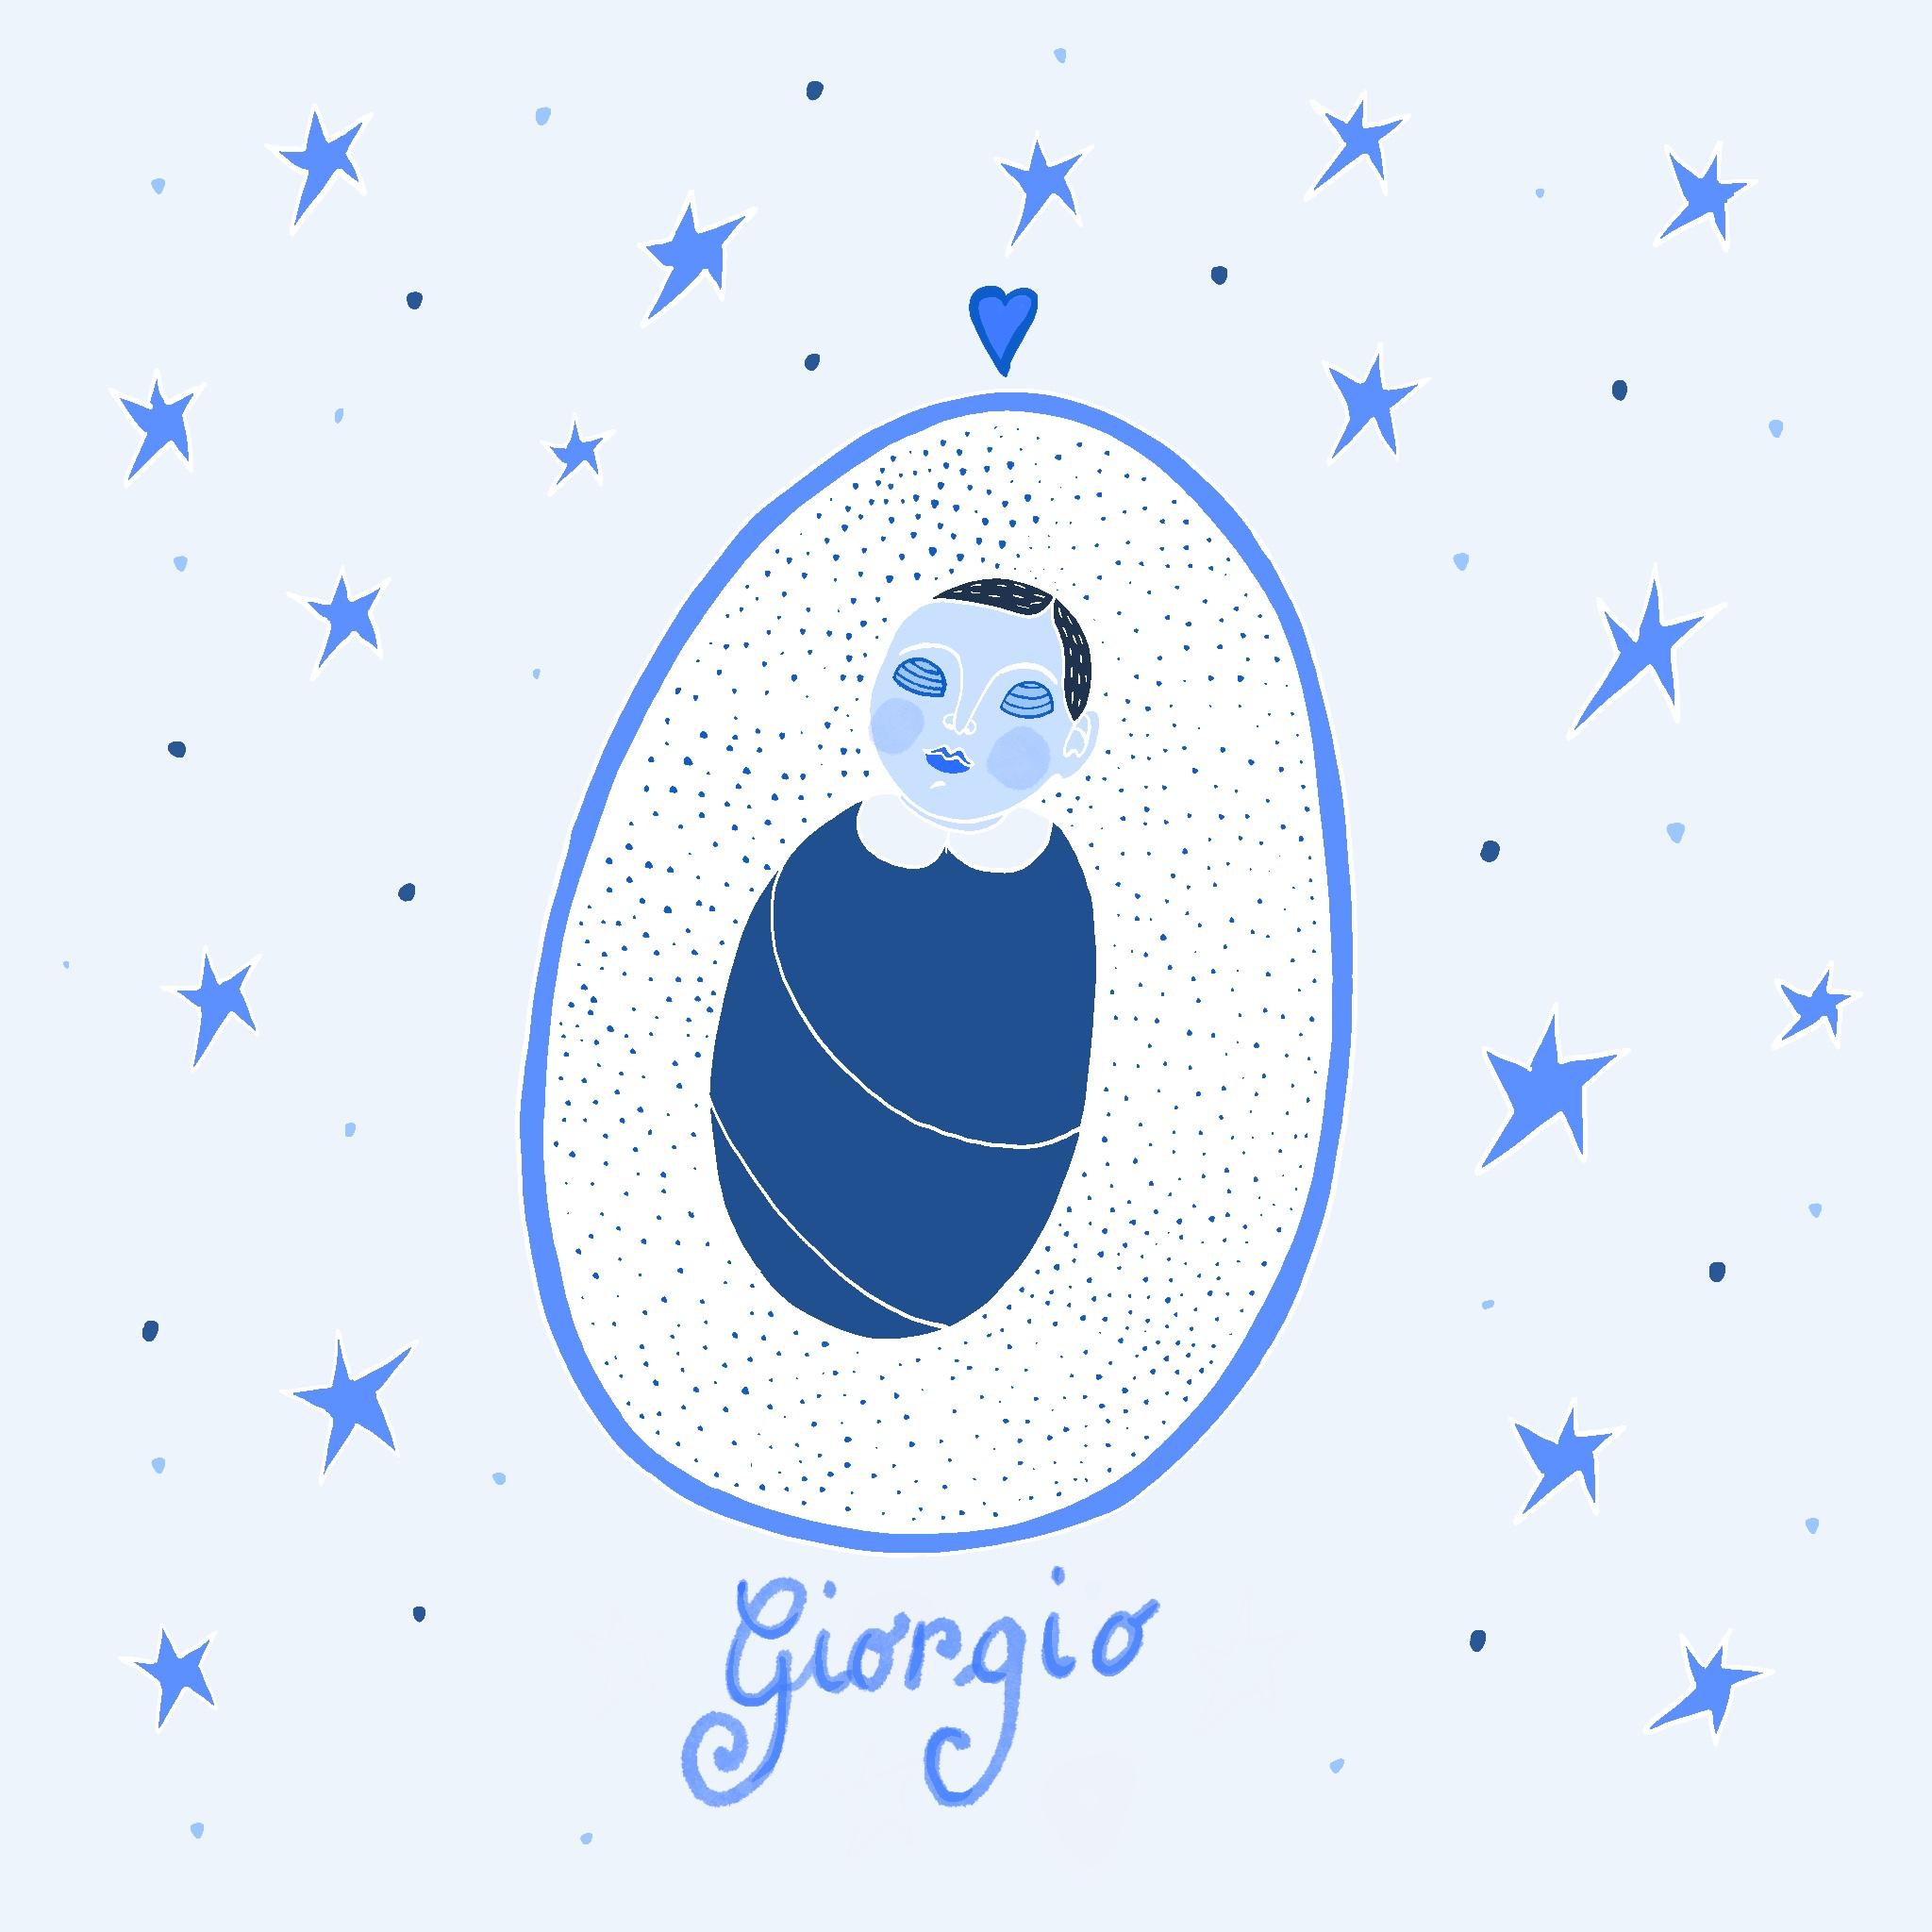 Newborn Book_Giorgio_15Settembre by Virginia Elena Patrone